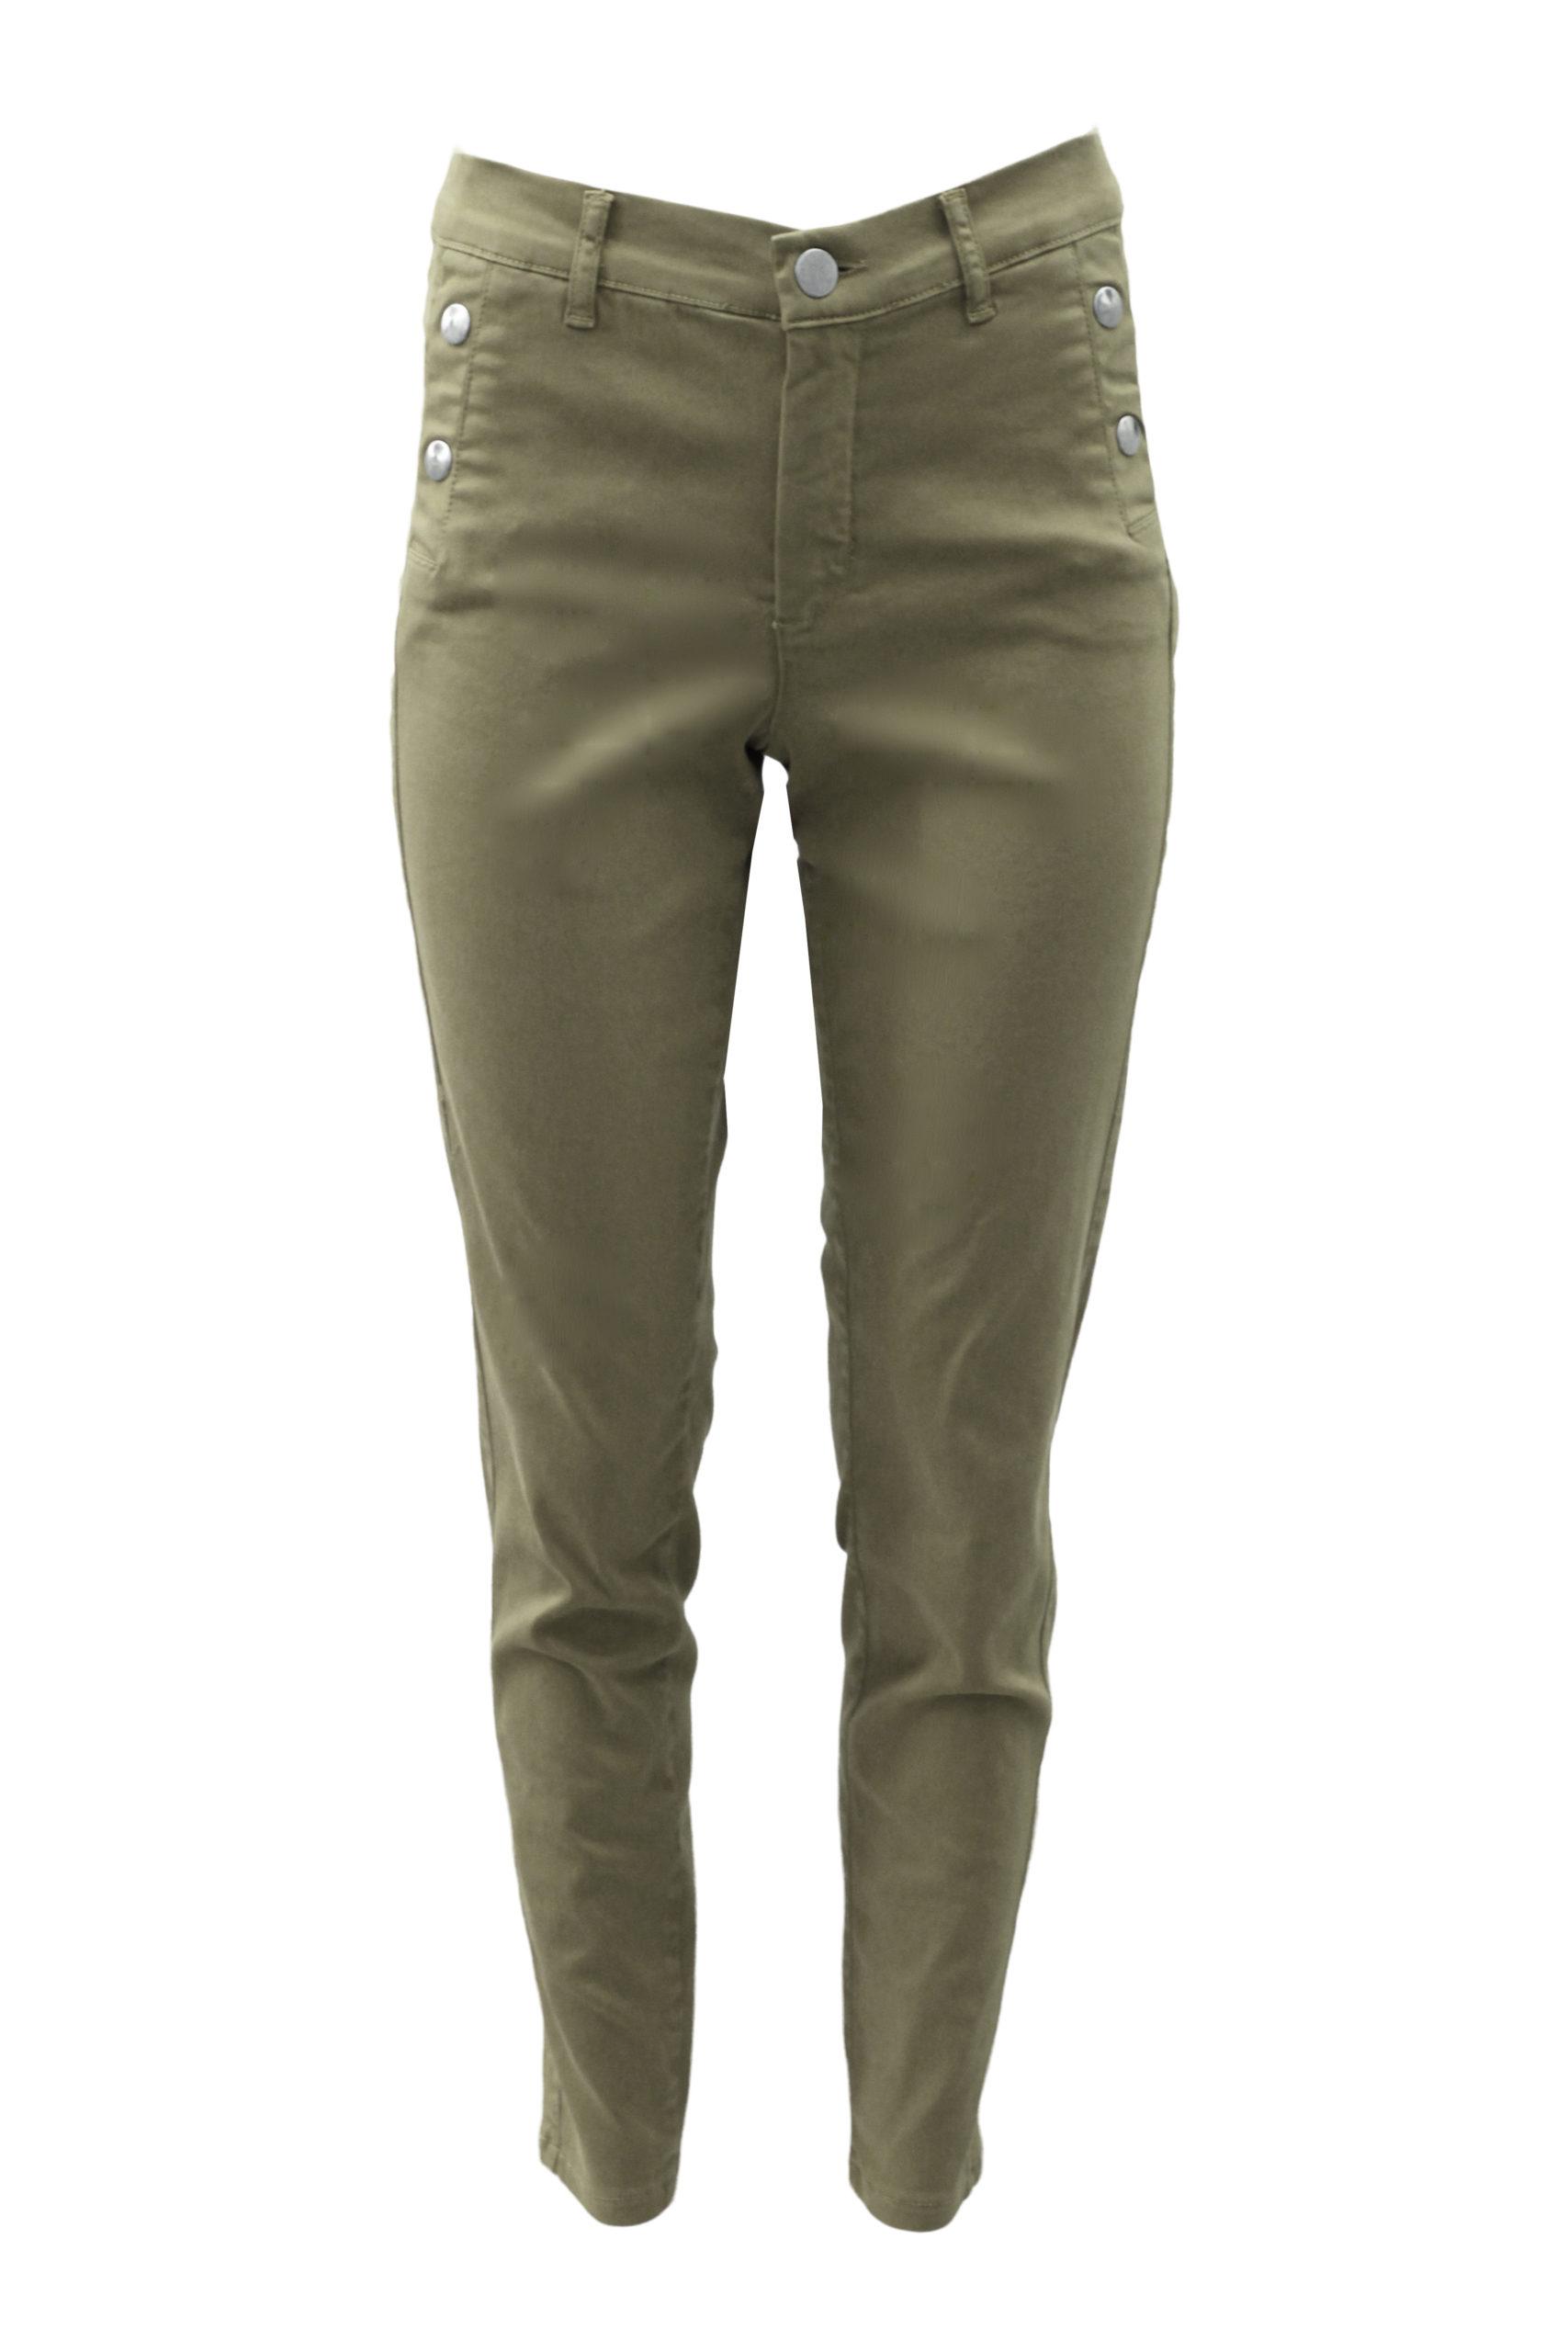 2-Biz Kaxy bukser